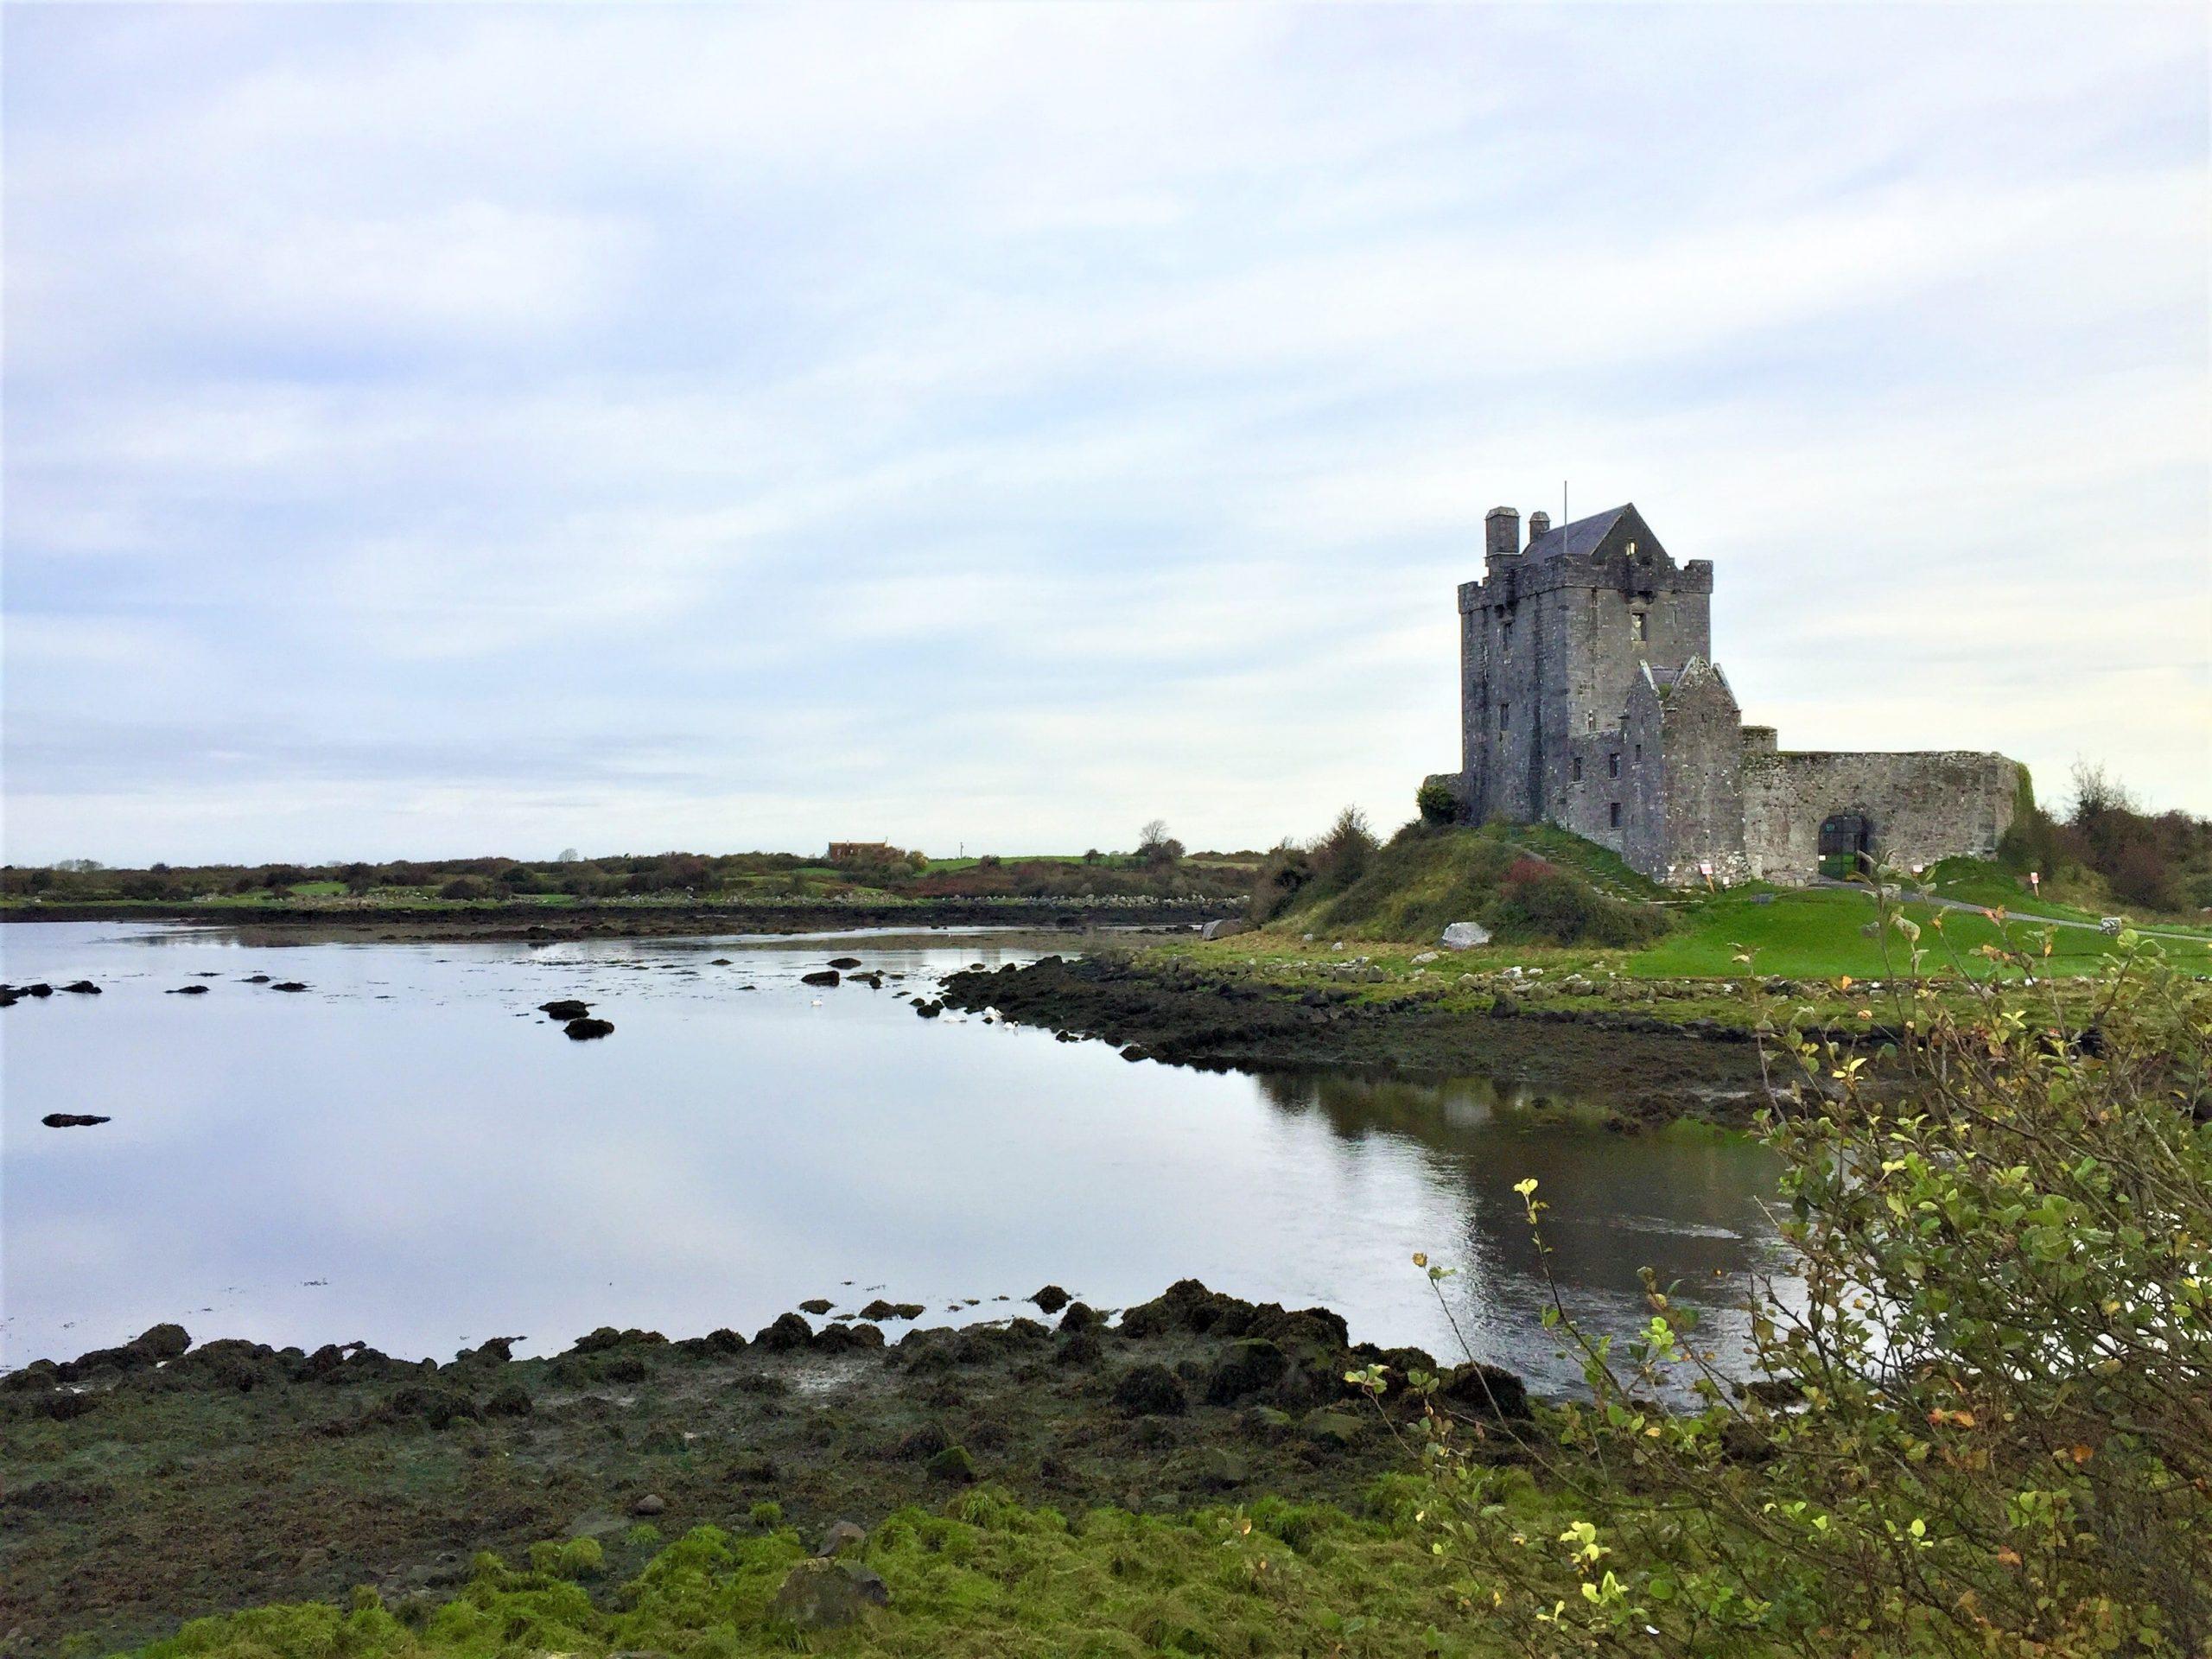 Kinvarra, havre de paix en irlande